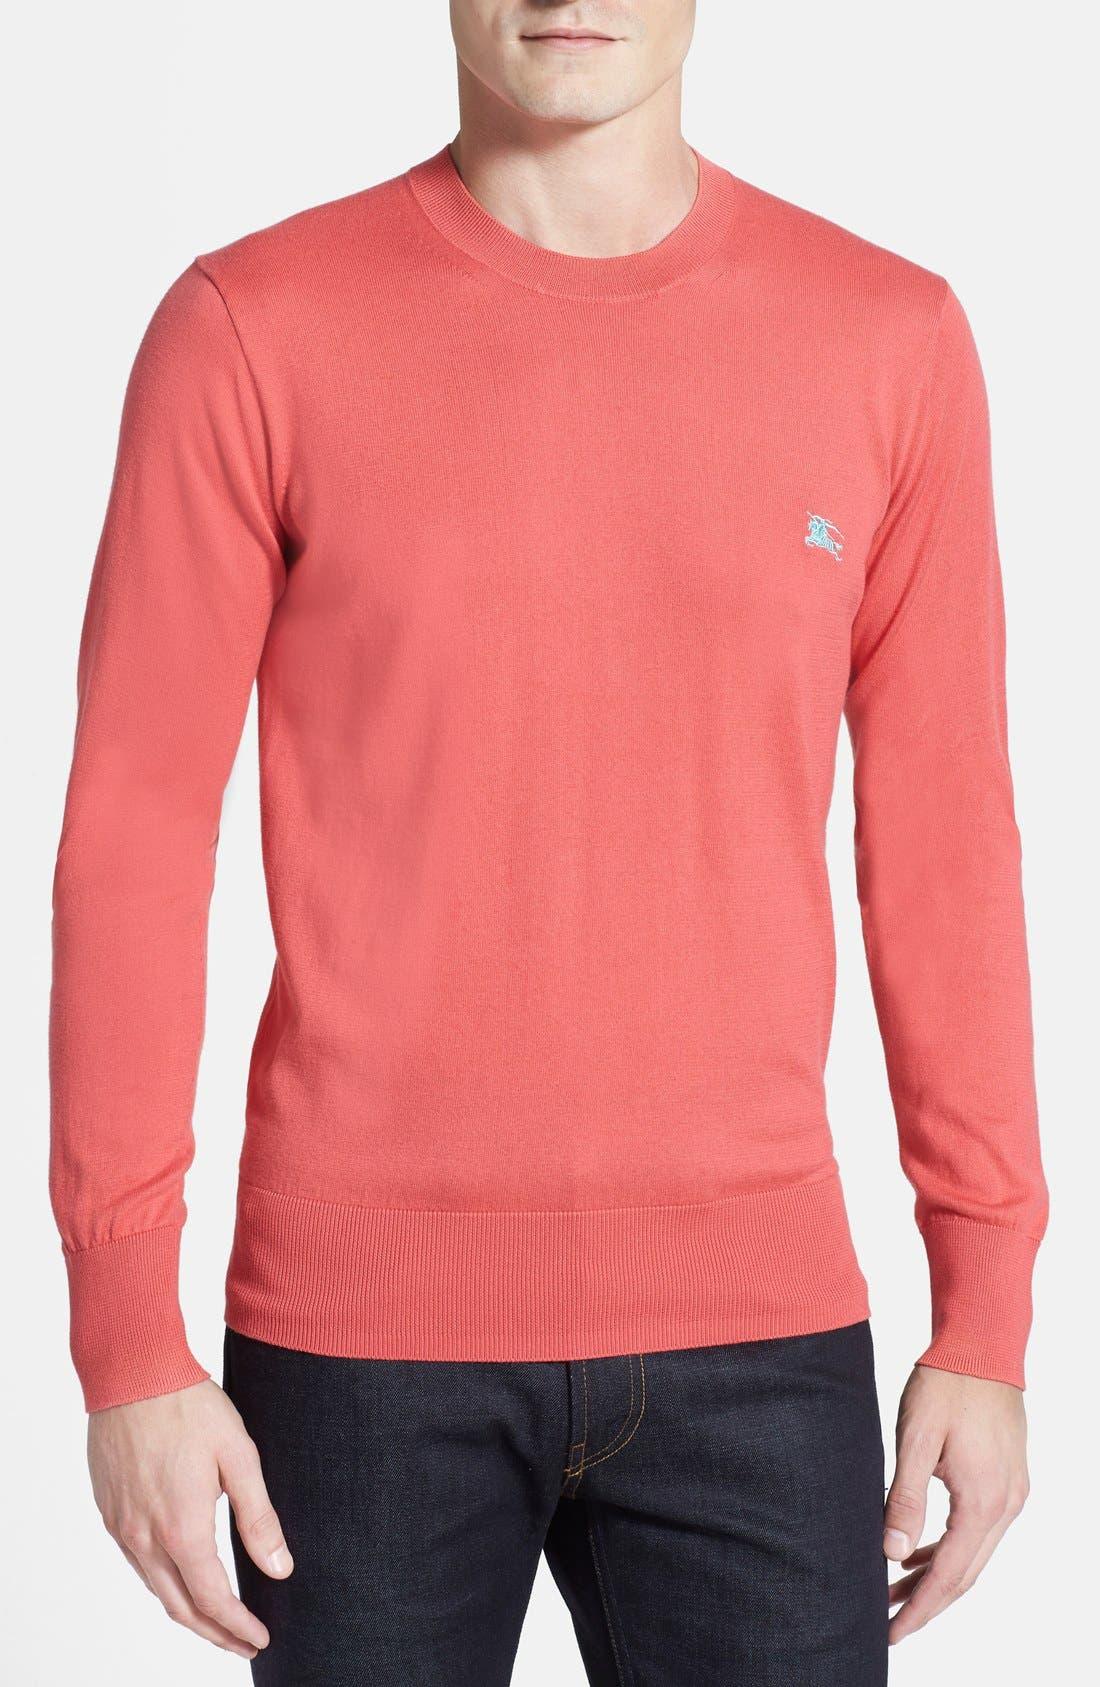 Main Image - Burberry 'Arnal' Crewneck Sweater